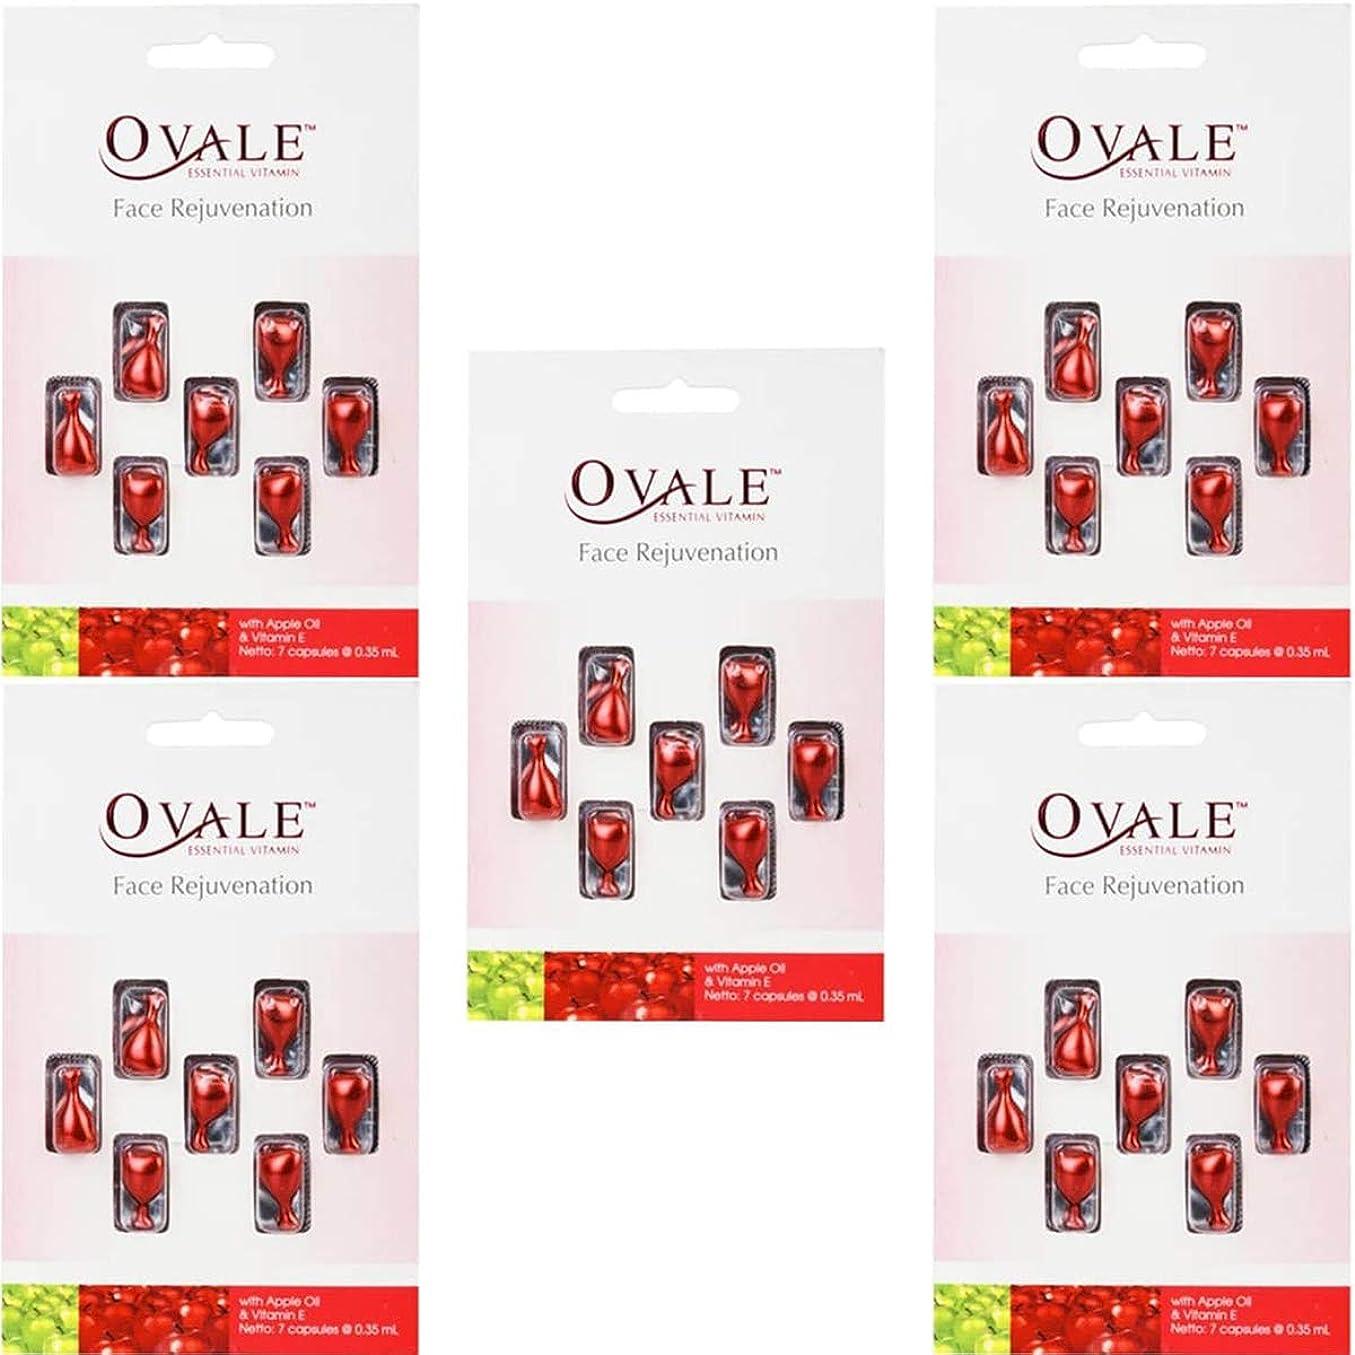 重々しい満州漏れOvale オーバル フェイシャル美容液 essential vitamin エッセンシャルビタミン 7粒入シート×5枚セット アップル [海外直送品]